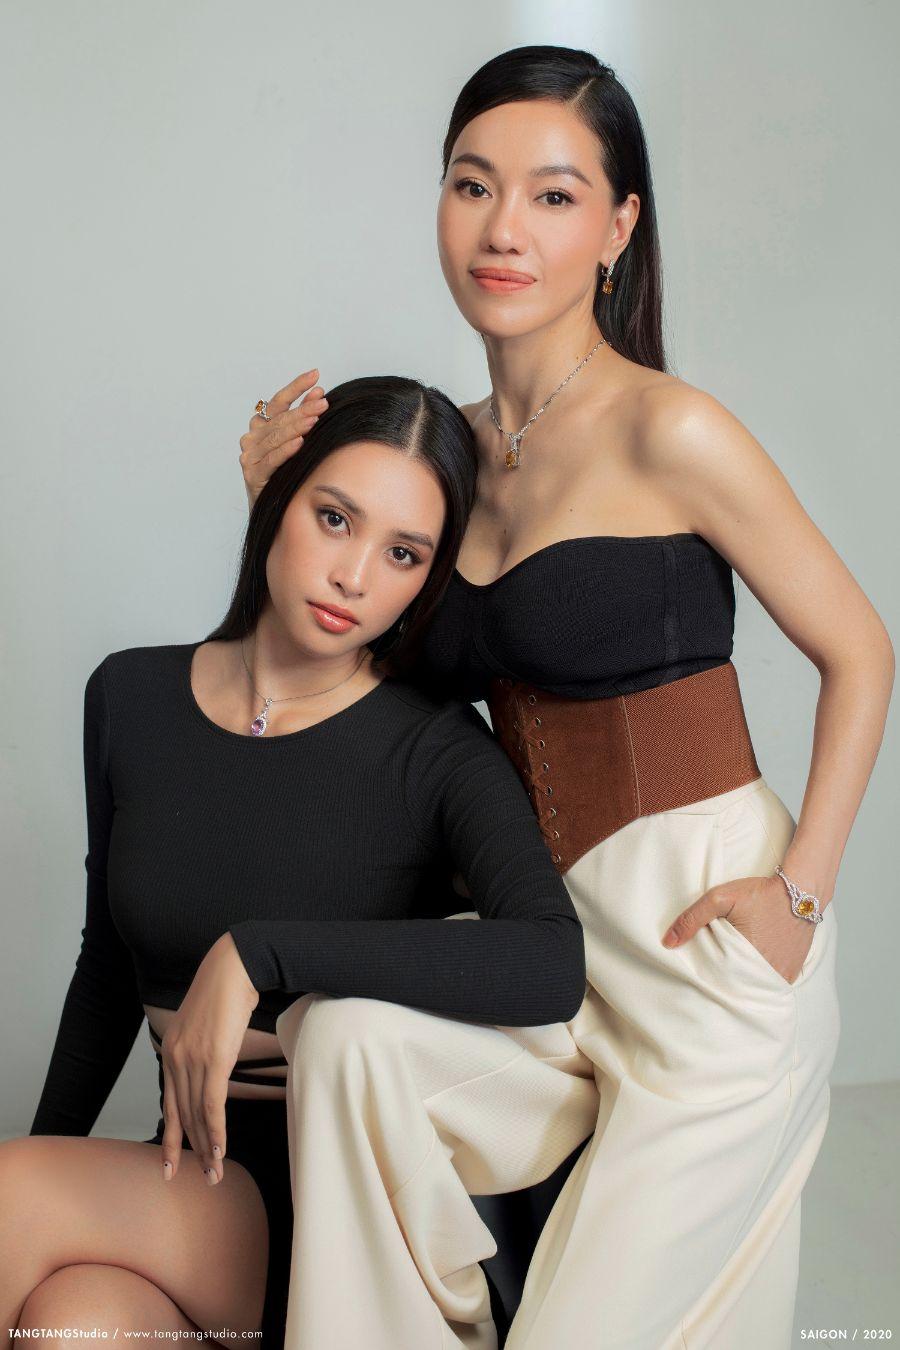 TIEU VY PHAM KIM DUNG 10 Bà trùm Hoa hậu tiết lộ Tiểu Vy từng không đủ điều kiện thi hoa hậu vì điều này